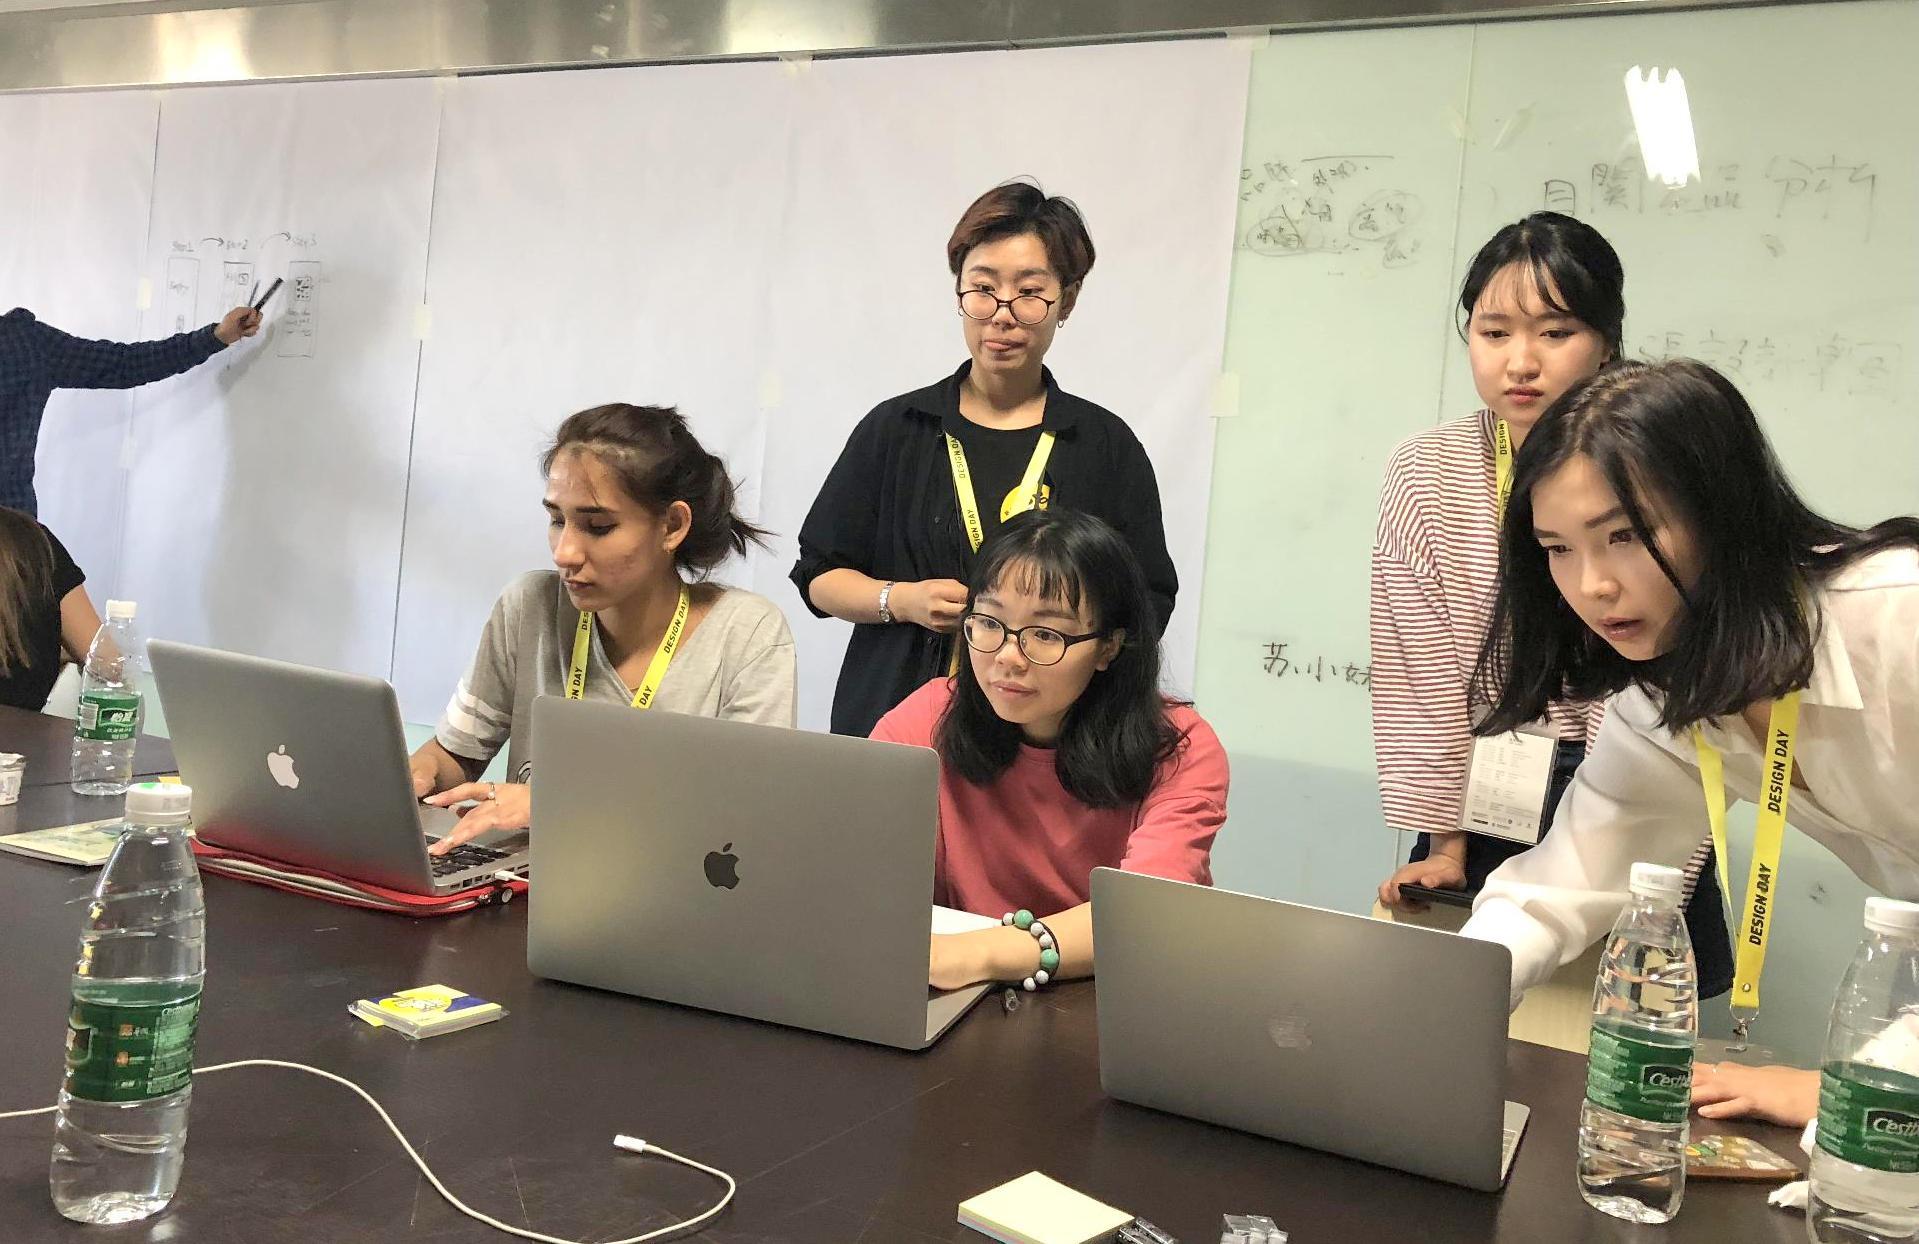 中原大學參賽學生9月底前往北京進行四天的馬拉松式討論、發表,完成一場精彩的腦力激盪競賽.jpg